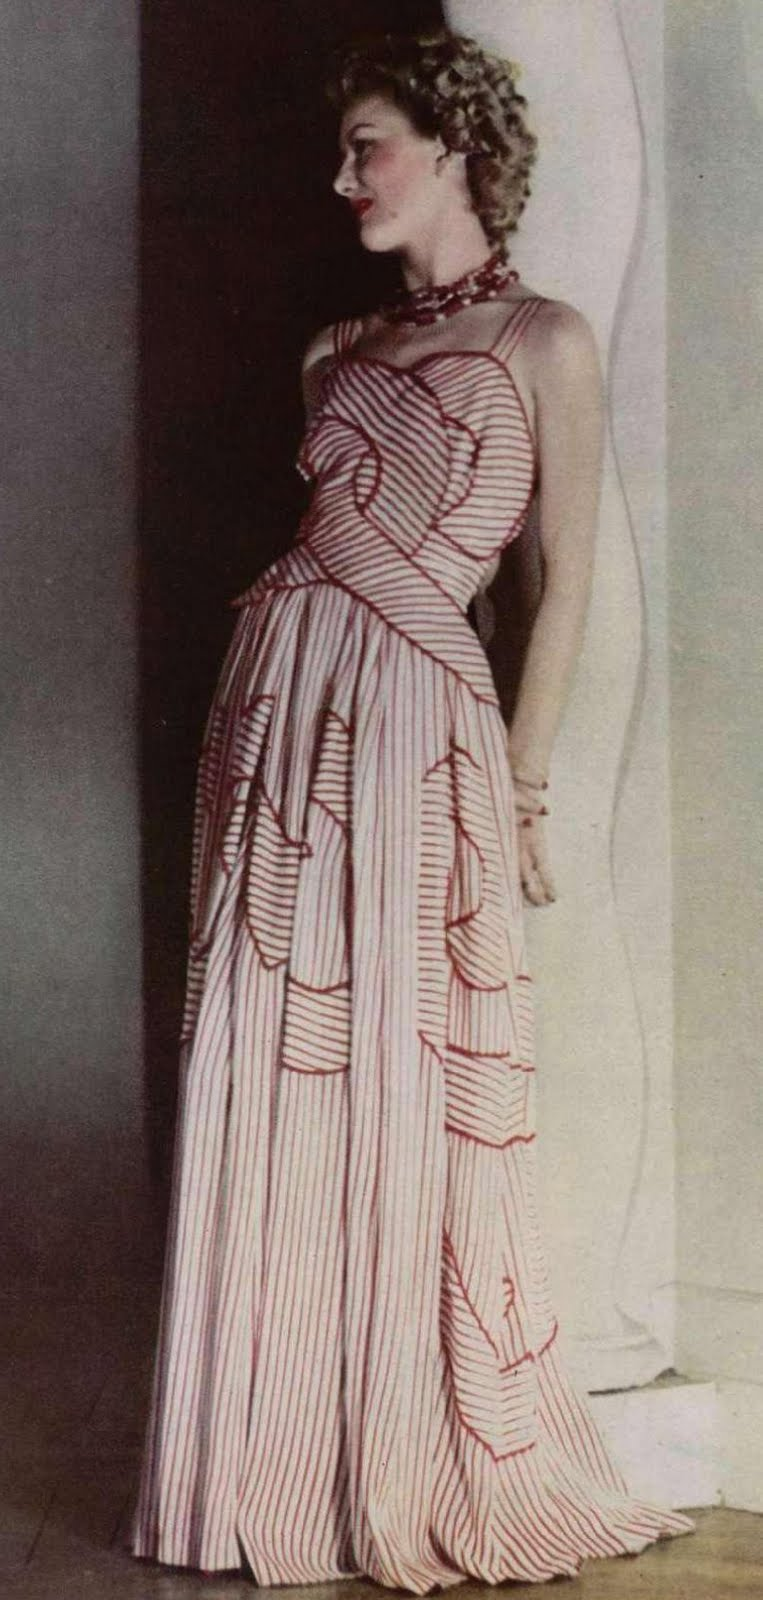 1940s Fashion: Young Woman's Wardrobe Plan